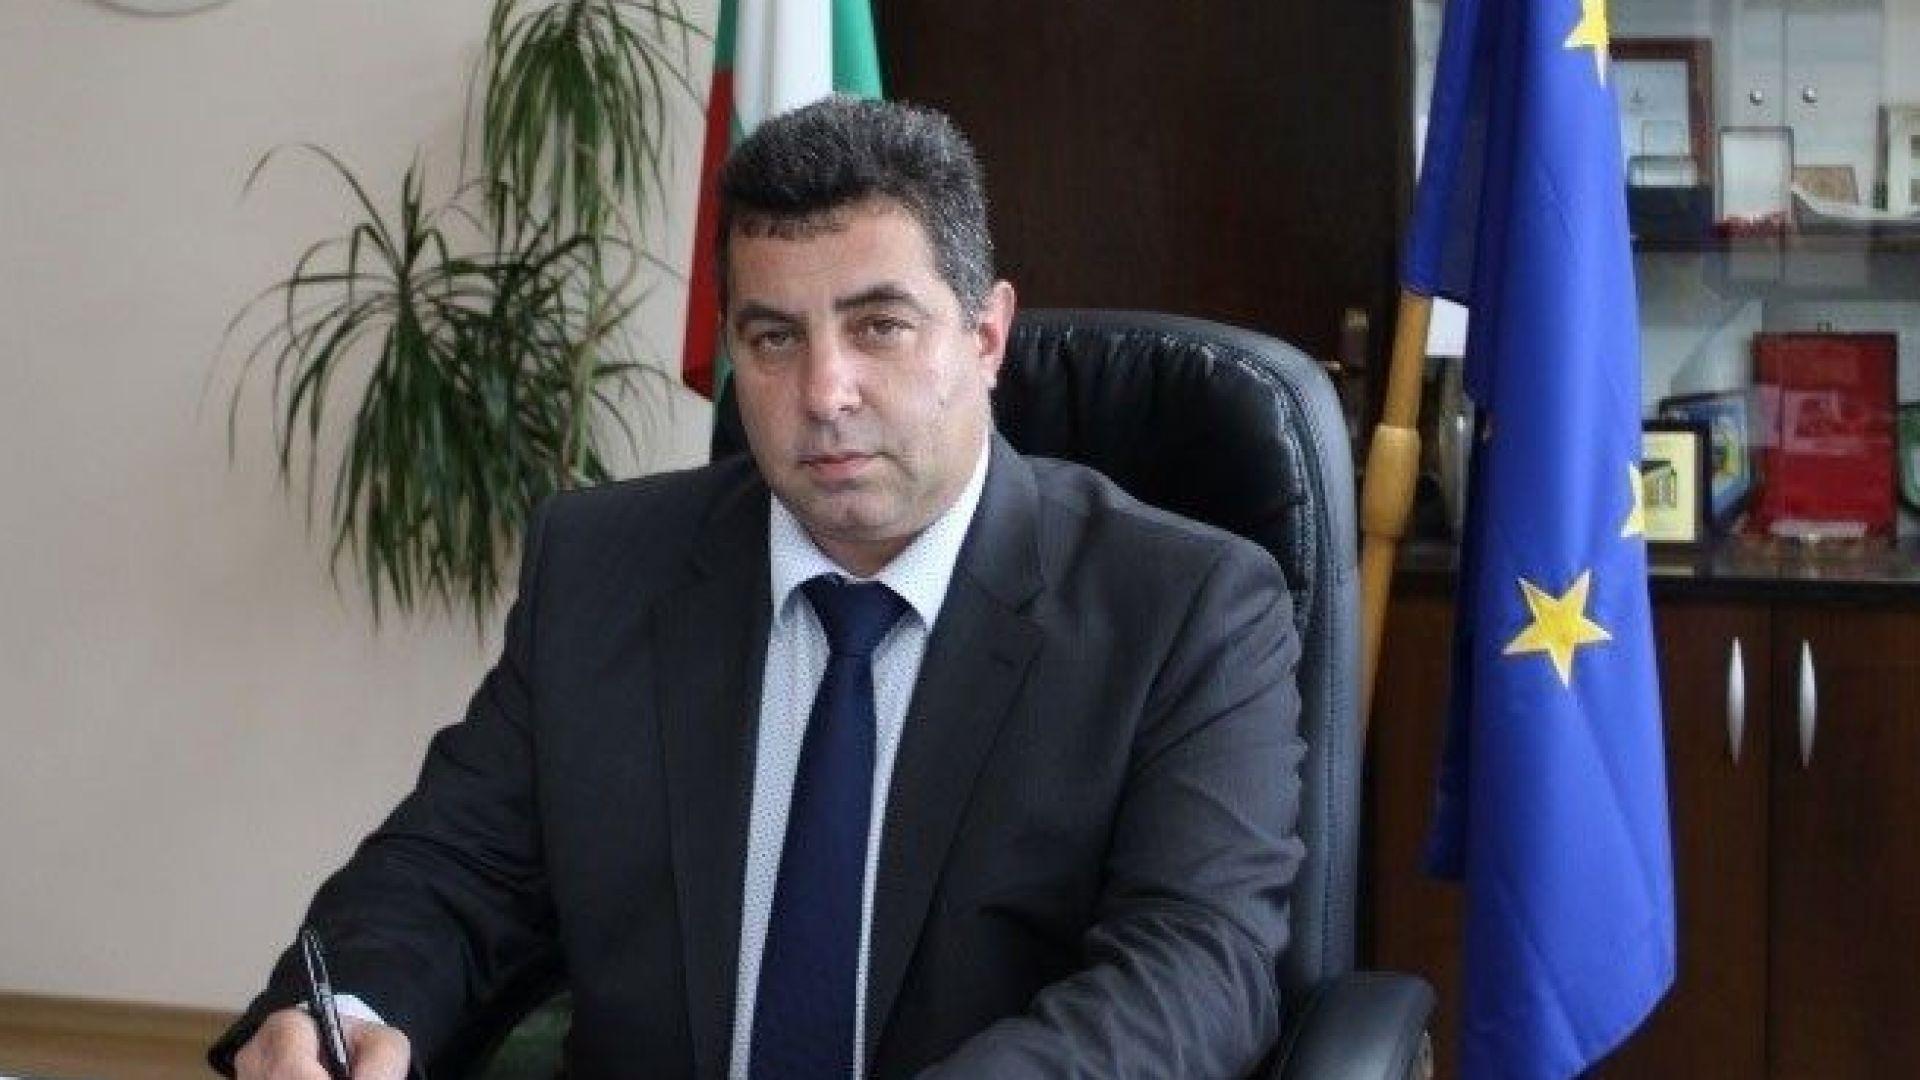 Областният управител на област Русе г-н Галин Григоров счита, че